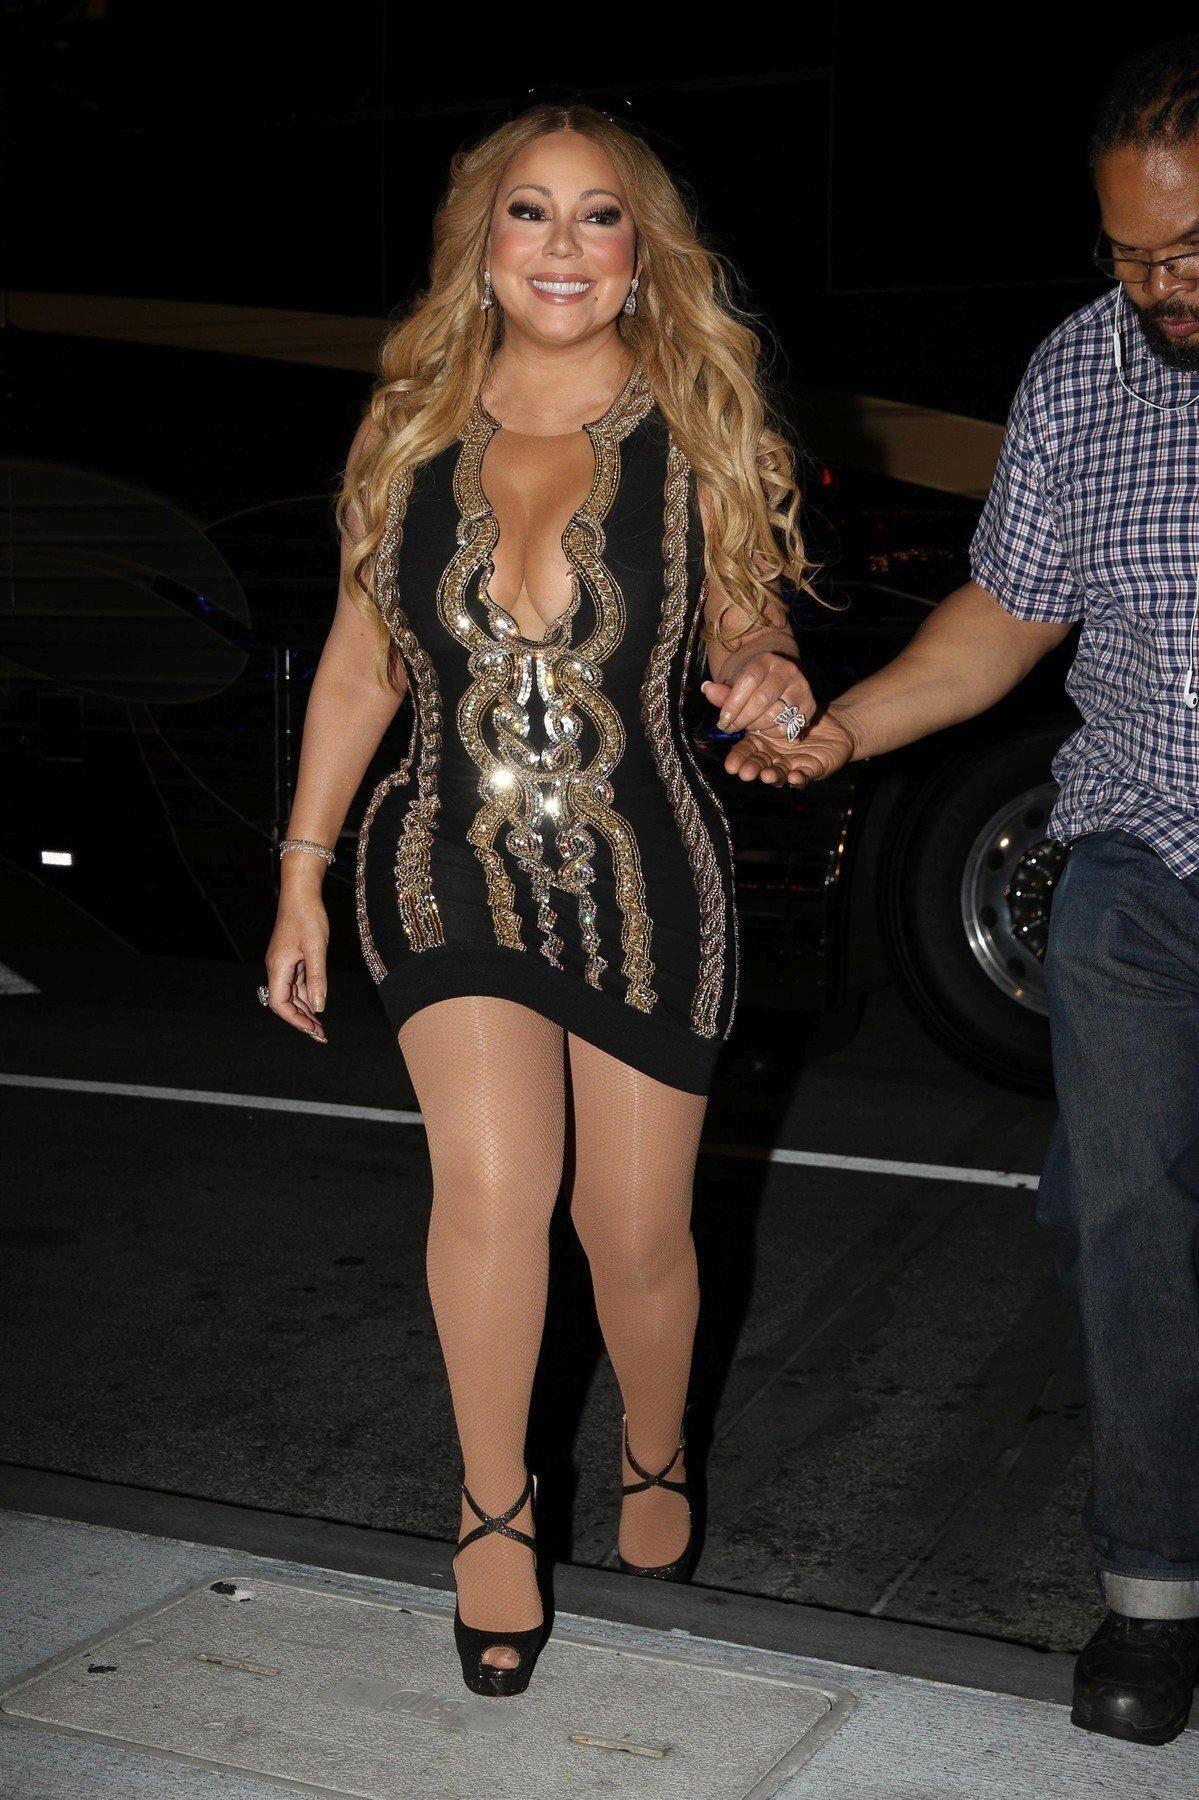 ŽENA-IN - Pět nejhorších letošních outfitů Mariah Carey мэрайя кэри